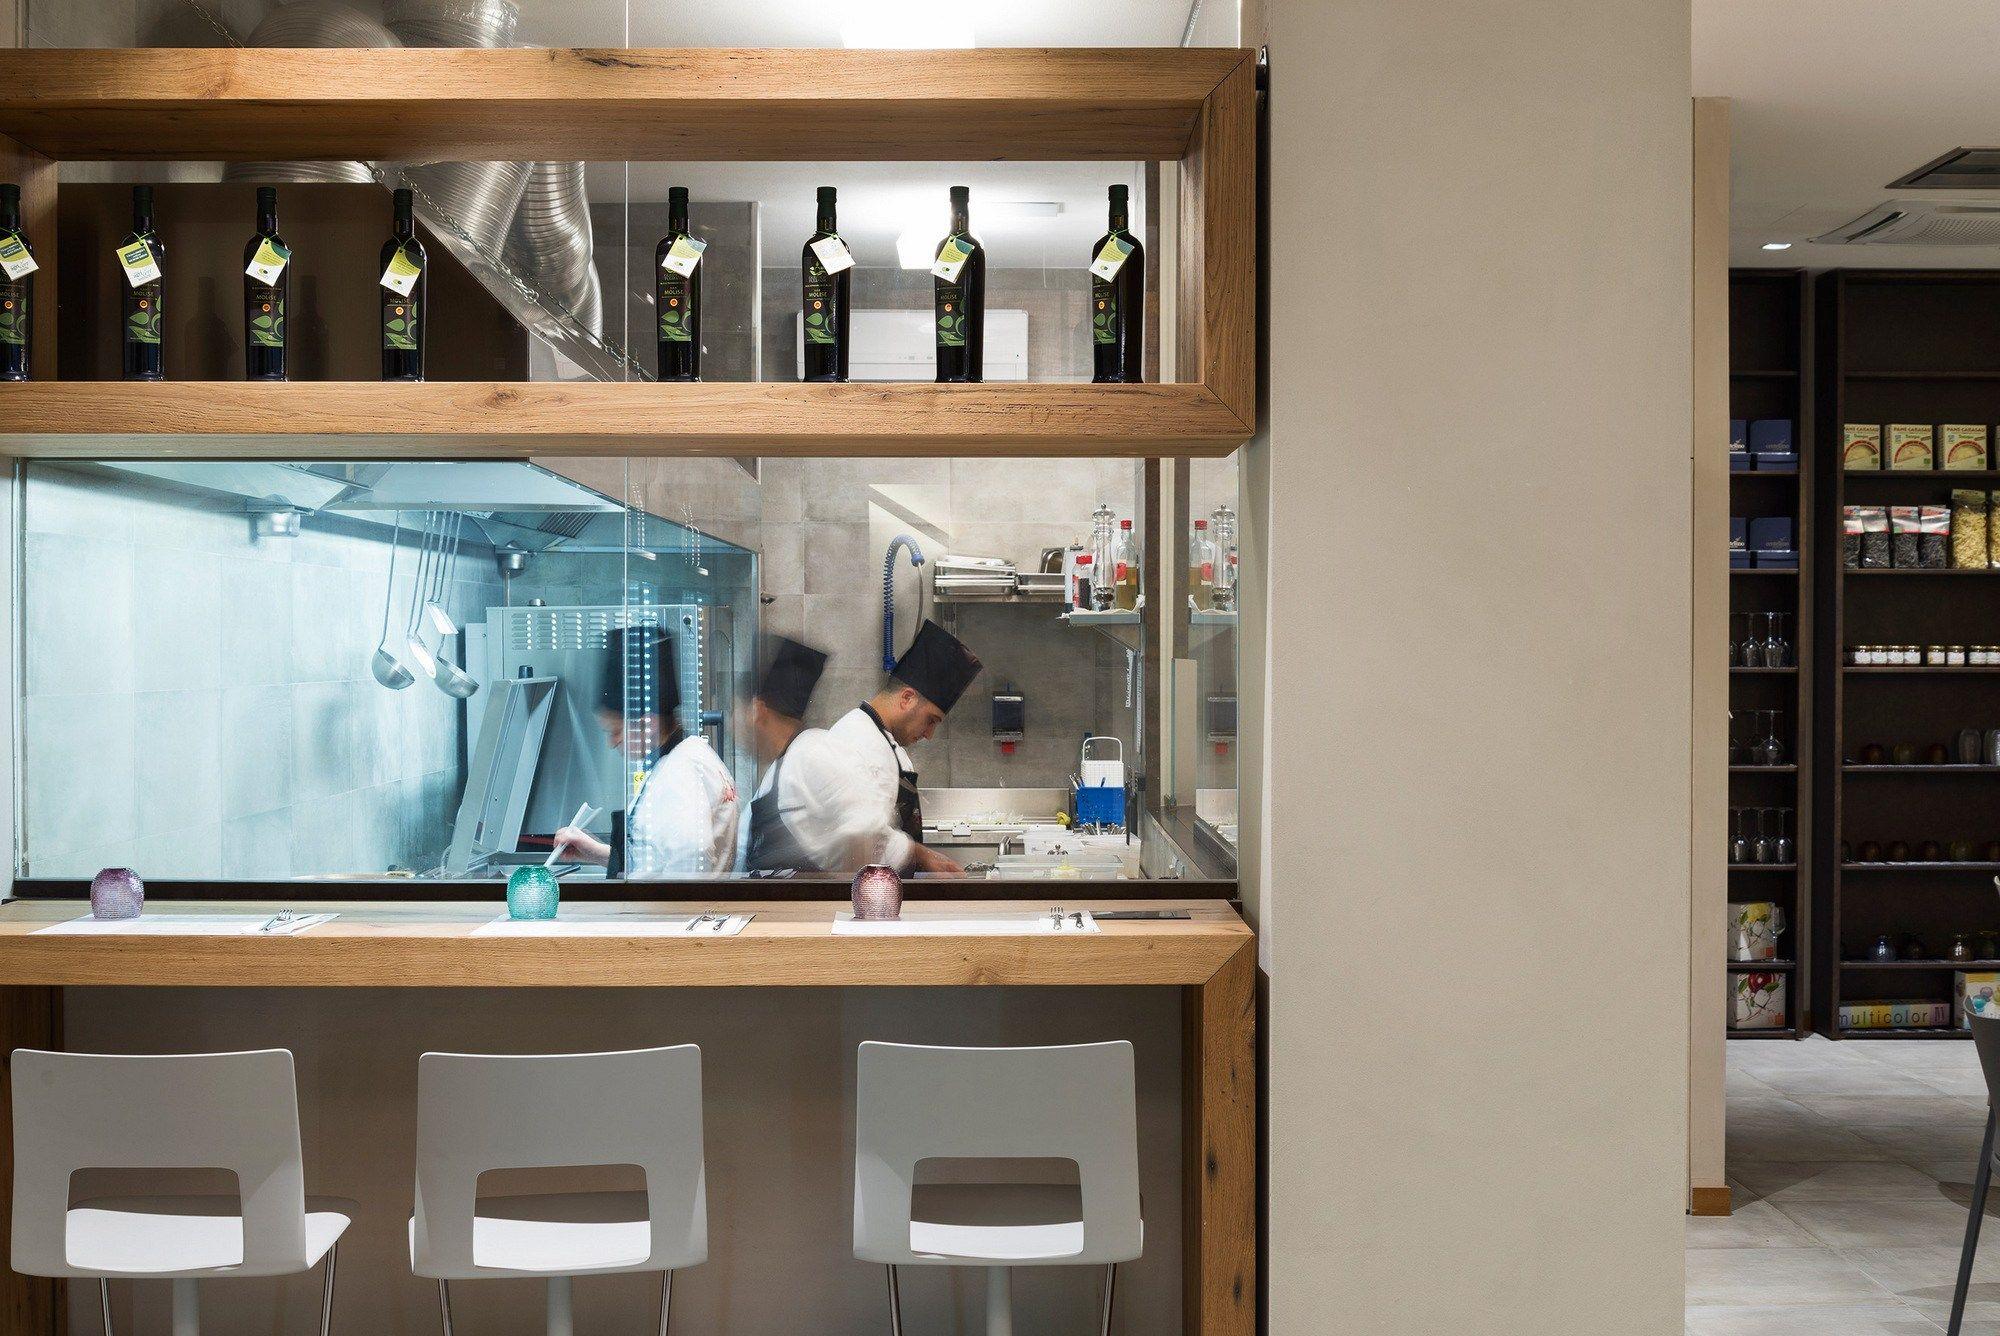 Negozi cucine milano arredamenti sforza via forche for Cargo mobili milano